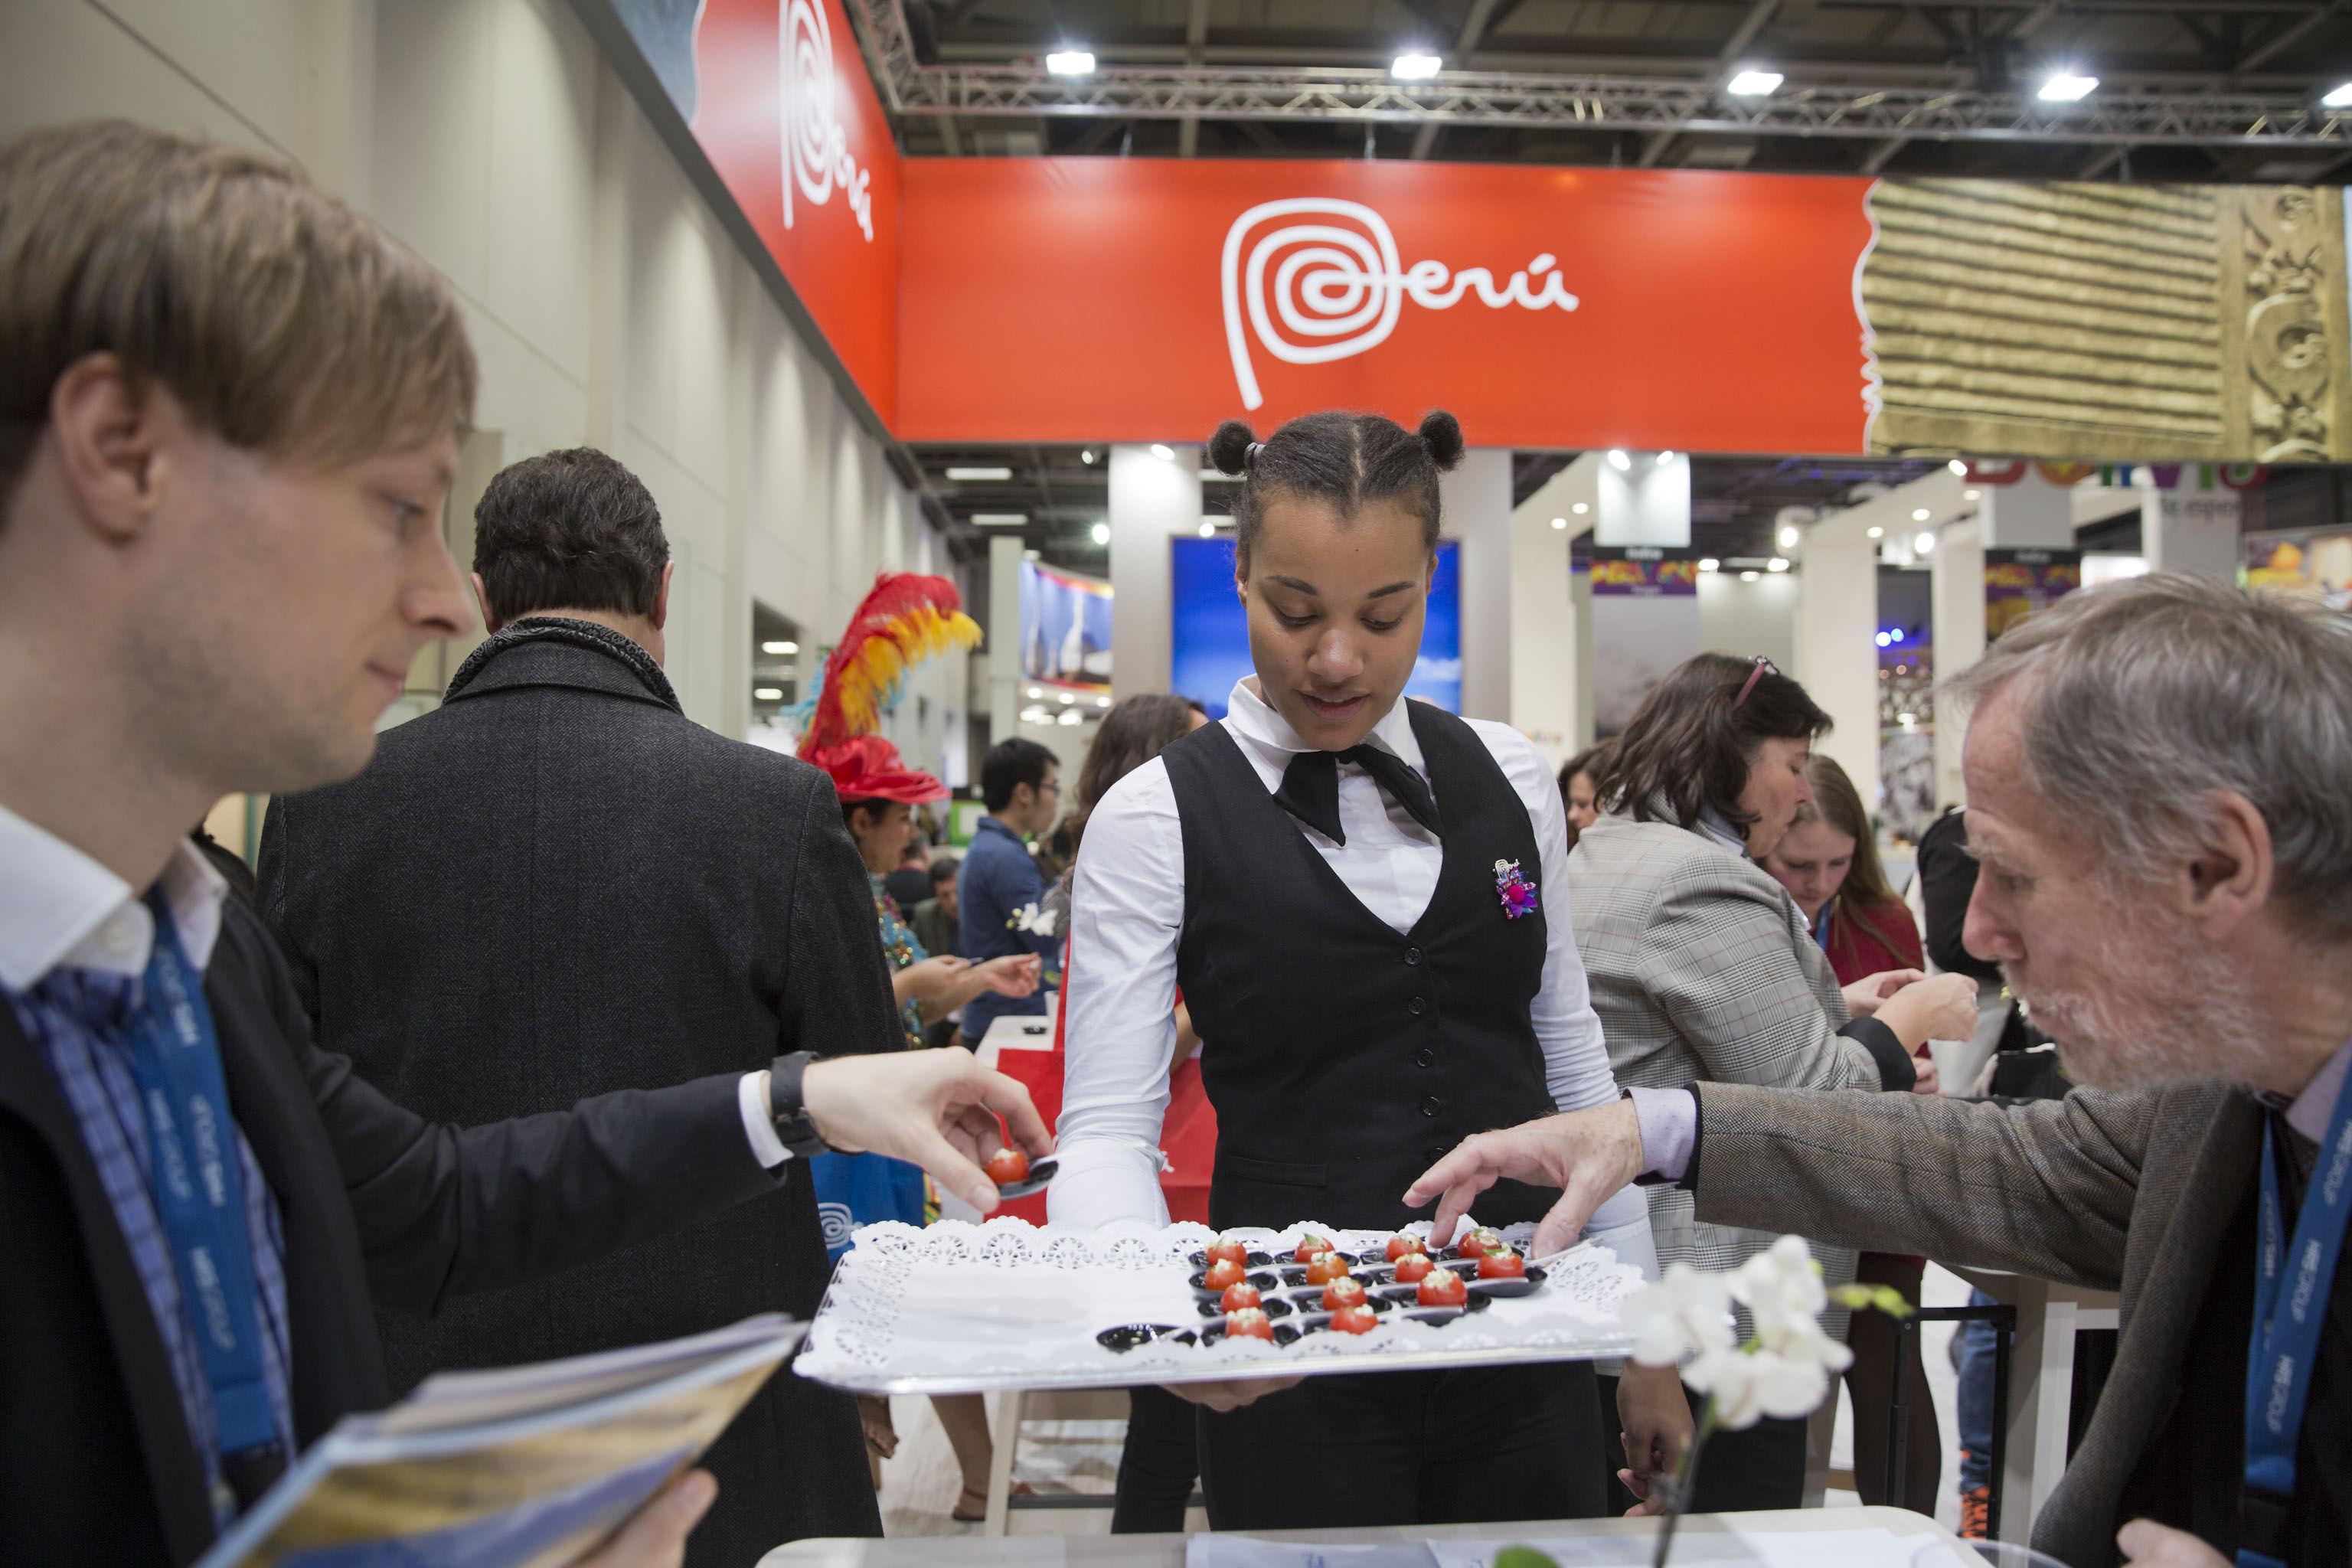 ITB3 - Peruvian presence impacted at the ITB Berlin fair